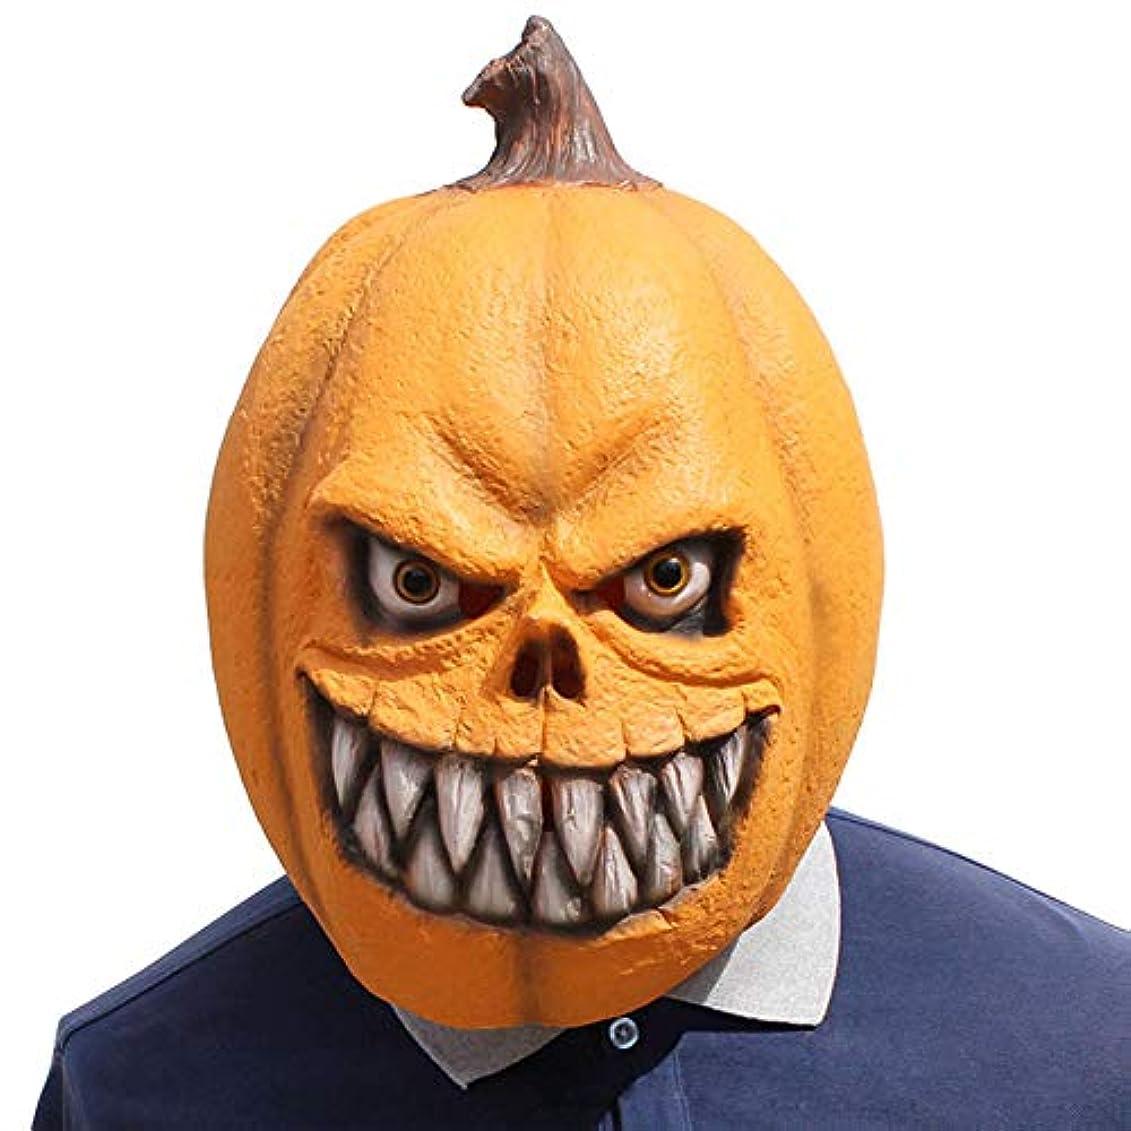 議題好むかりてハロウィーンマスク、カボチャラテックスマスク、ハロウィーン、テーマパーティー、カーニバル、レイブパーティーに適しています